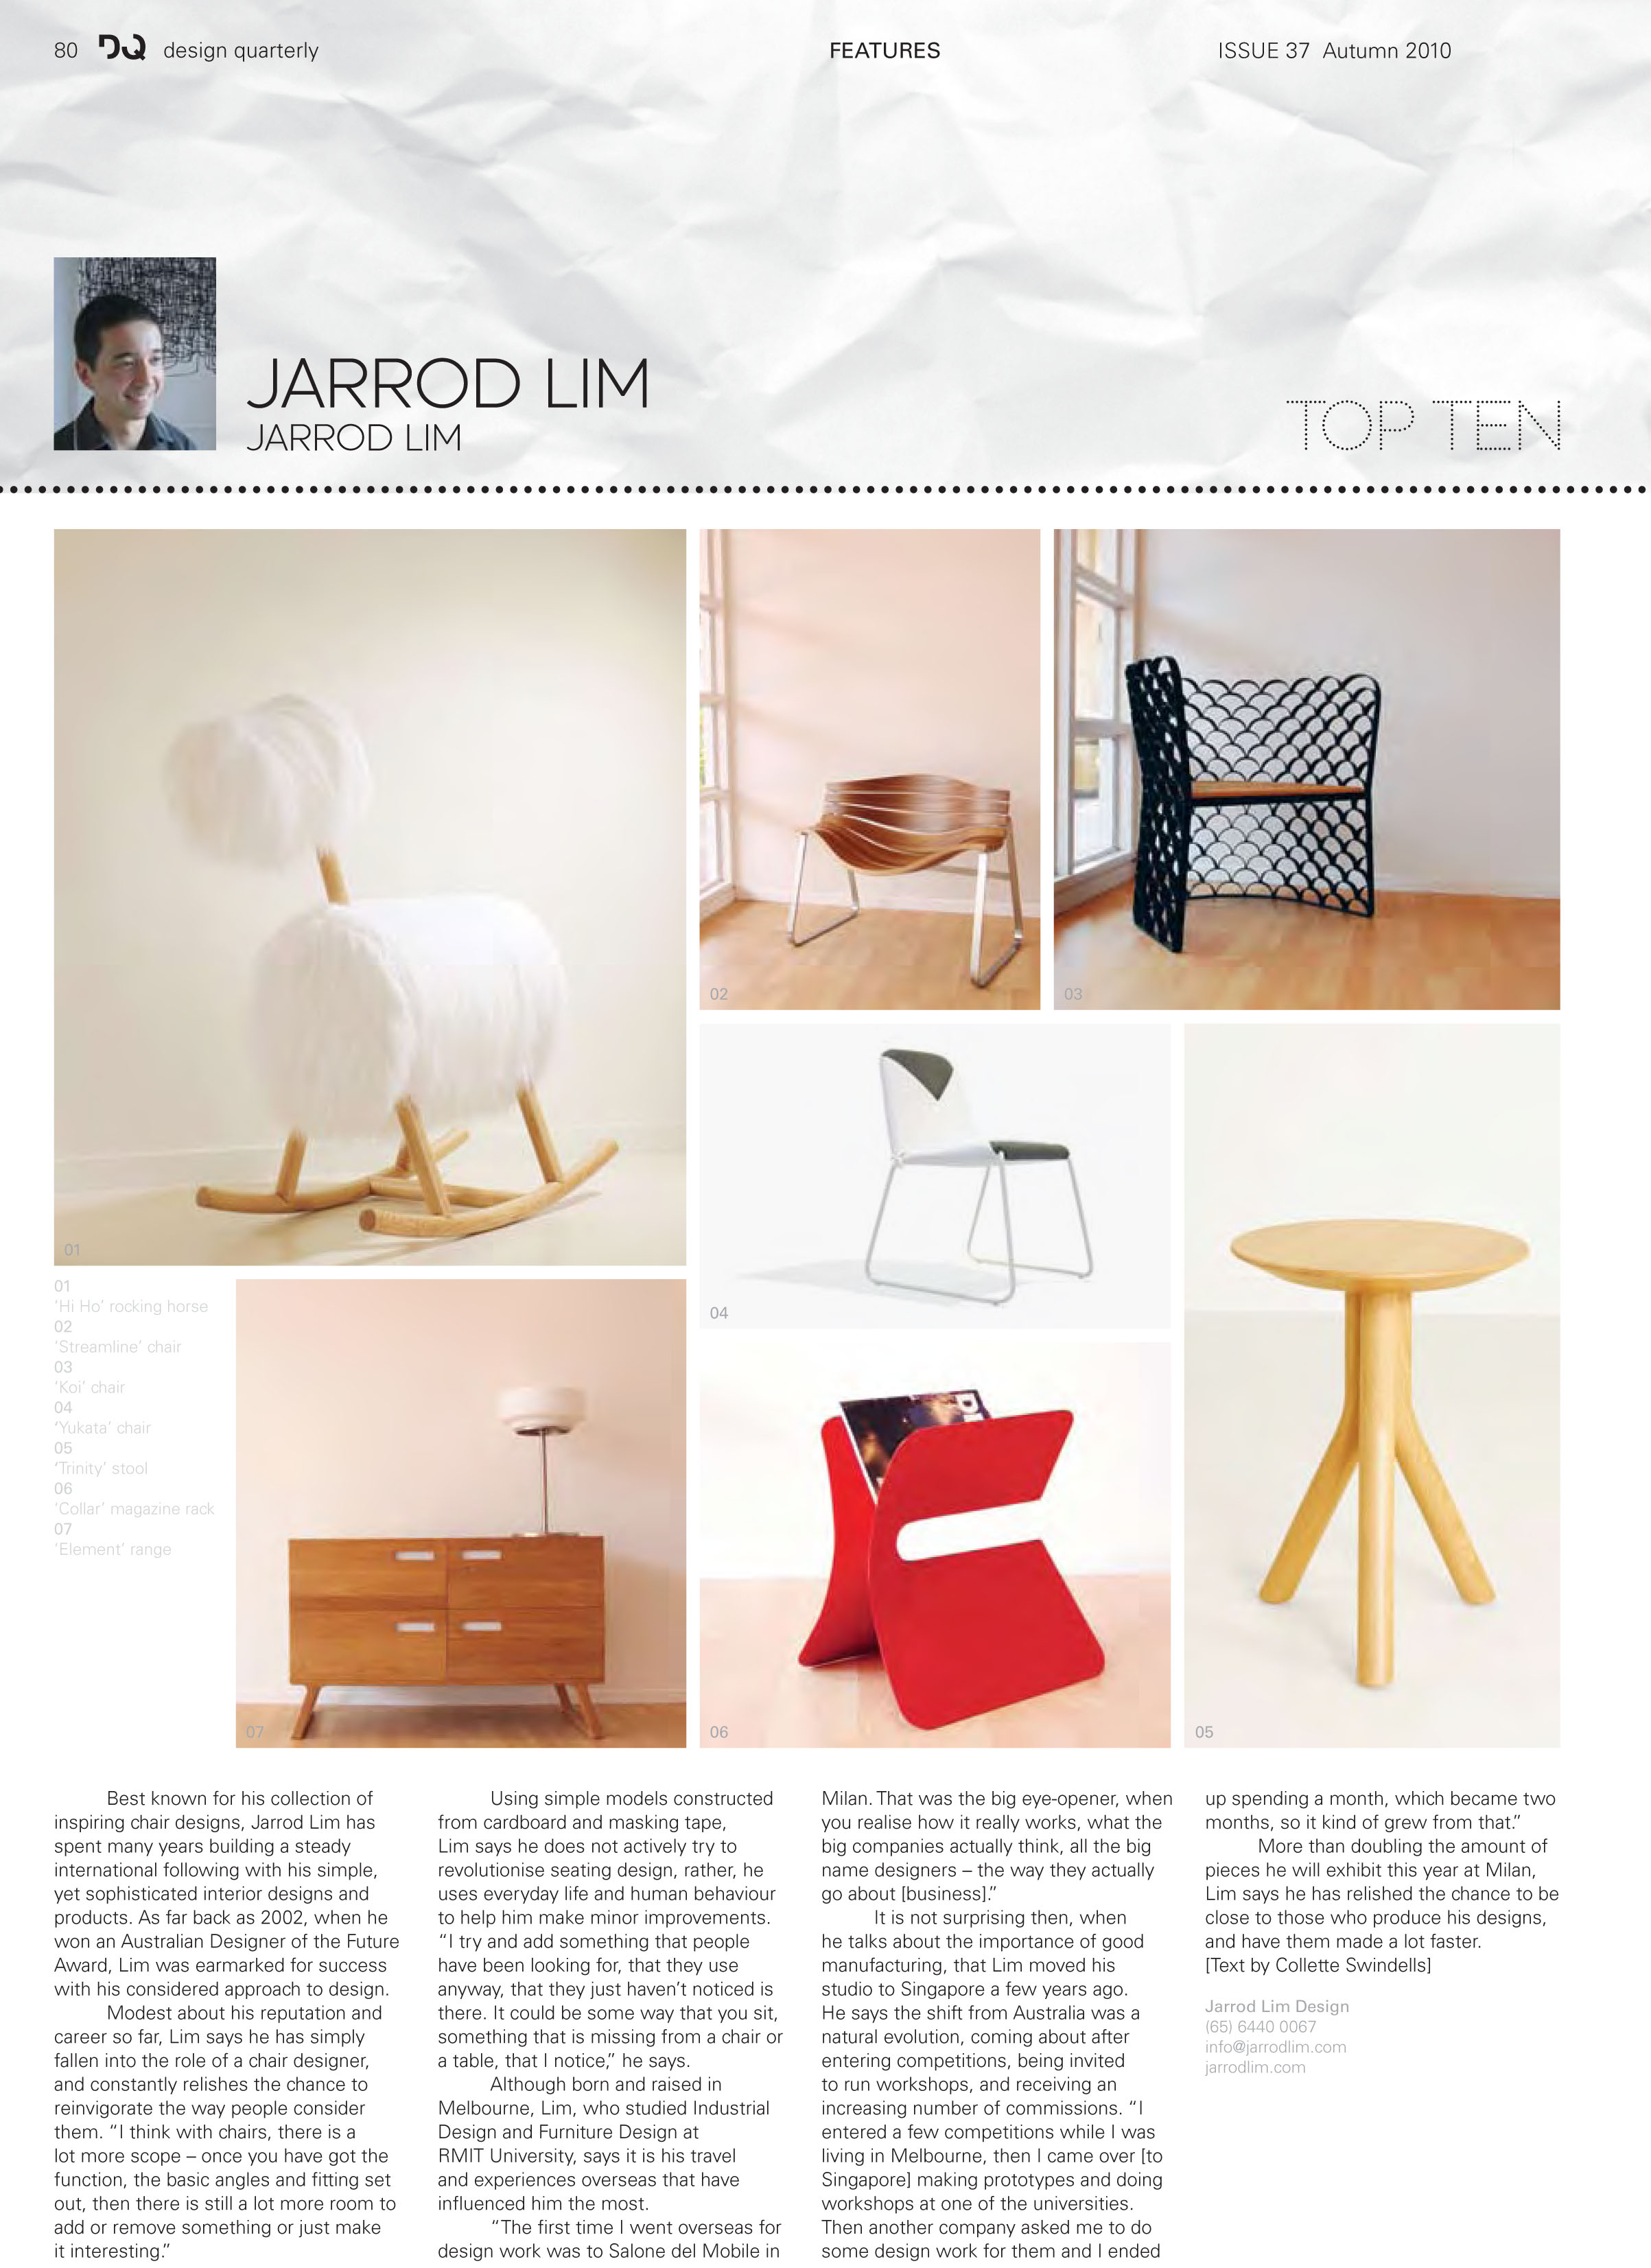 DQ Magazine Top Ten - 2010